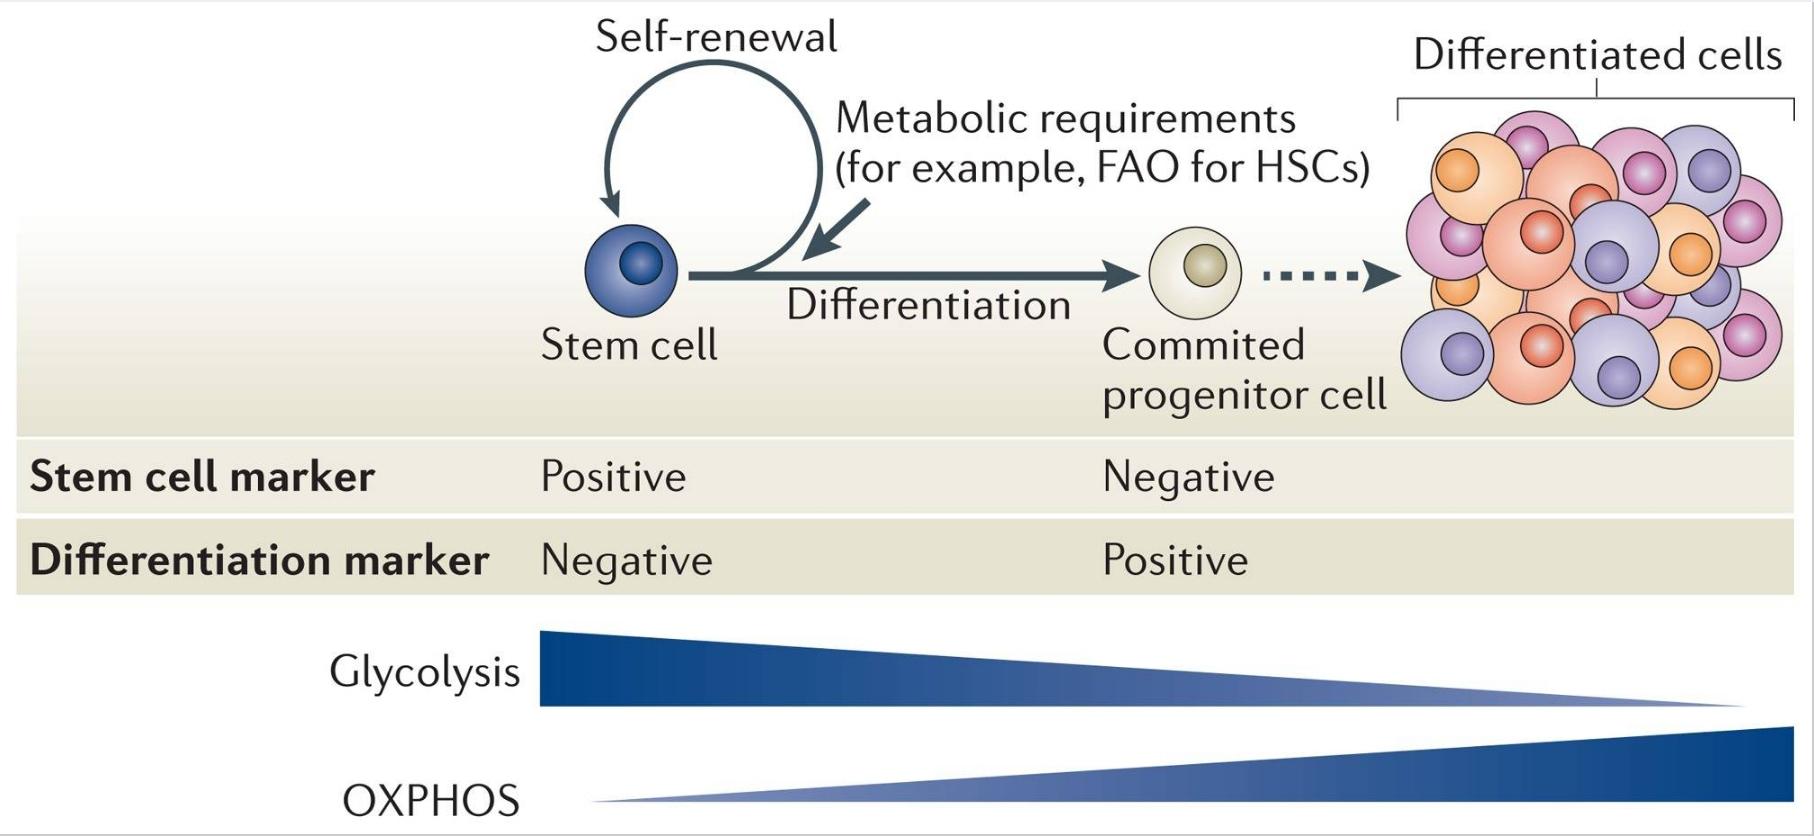 stem cell marker